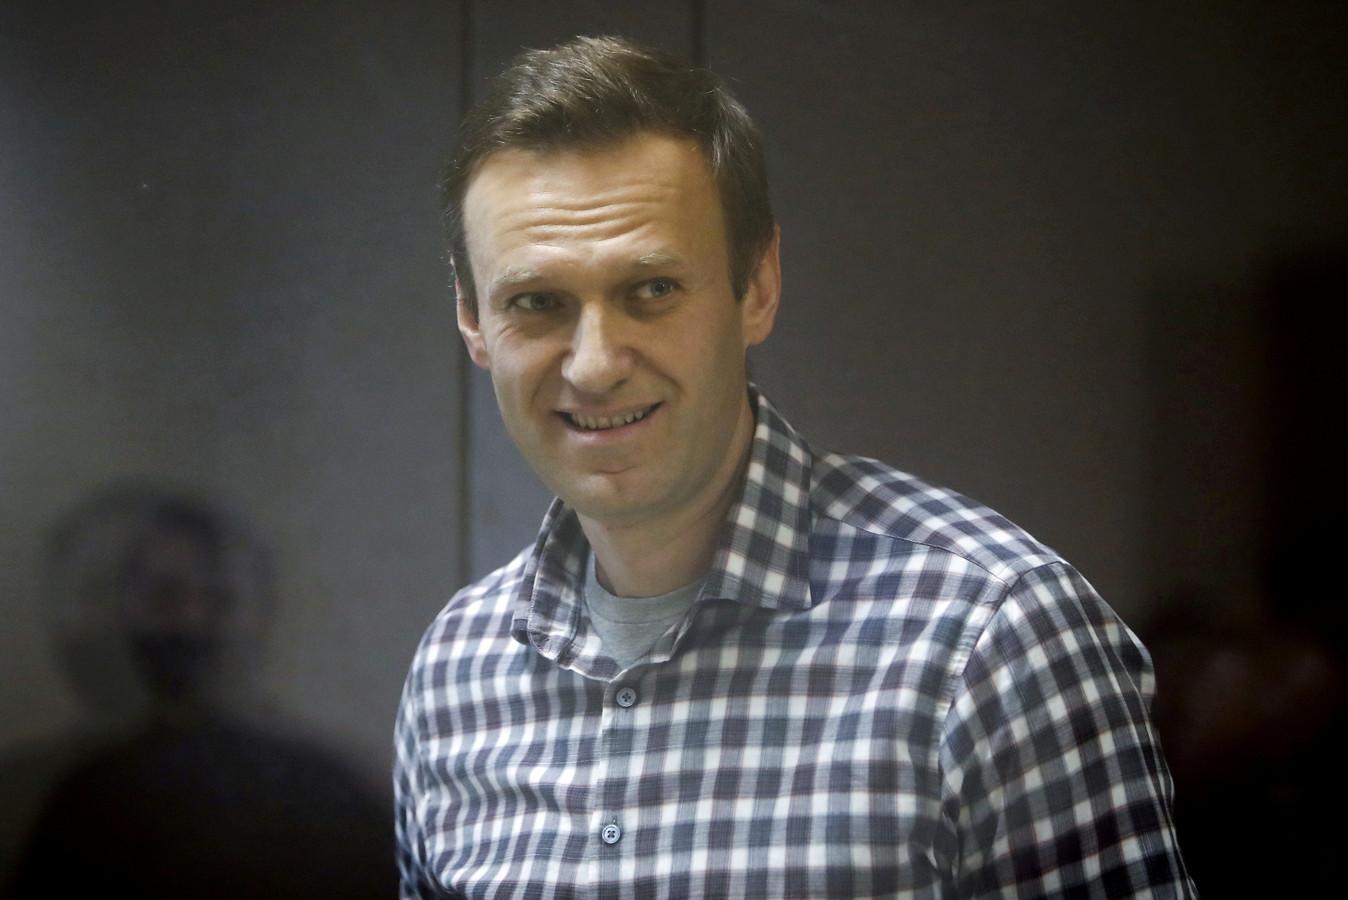 Arrêté en janvier à son retour en Russie, Alexeï Navalny a été condamné à deux ans et demi de prison dans une affaire ancienne de fraude qu'il dénonce comme politique.